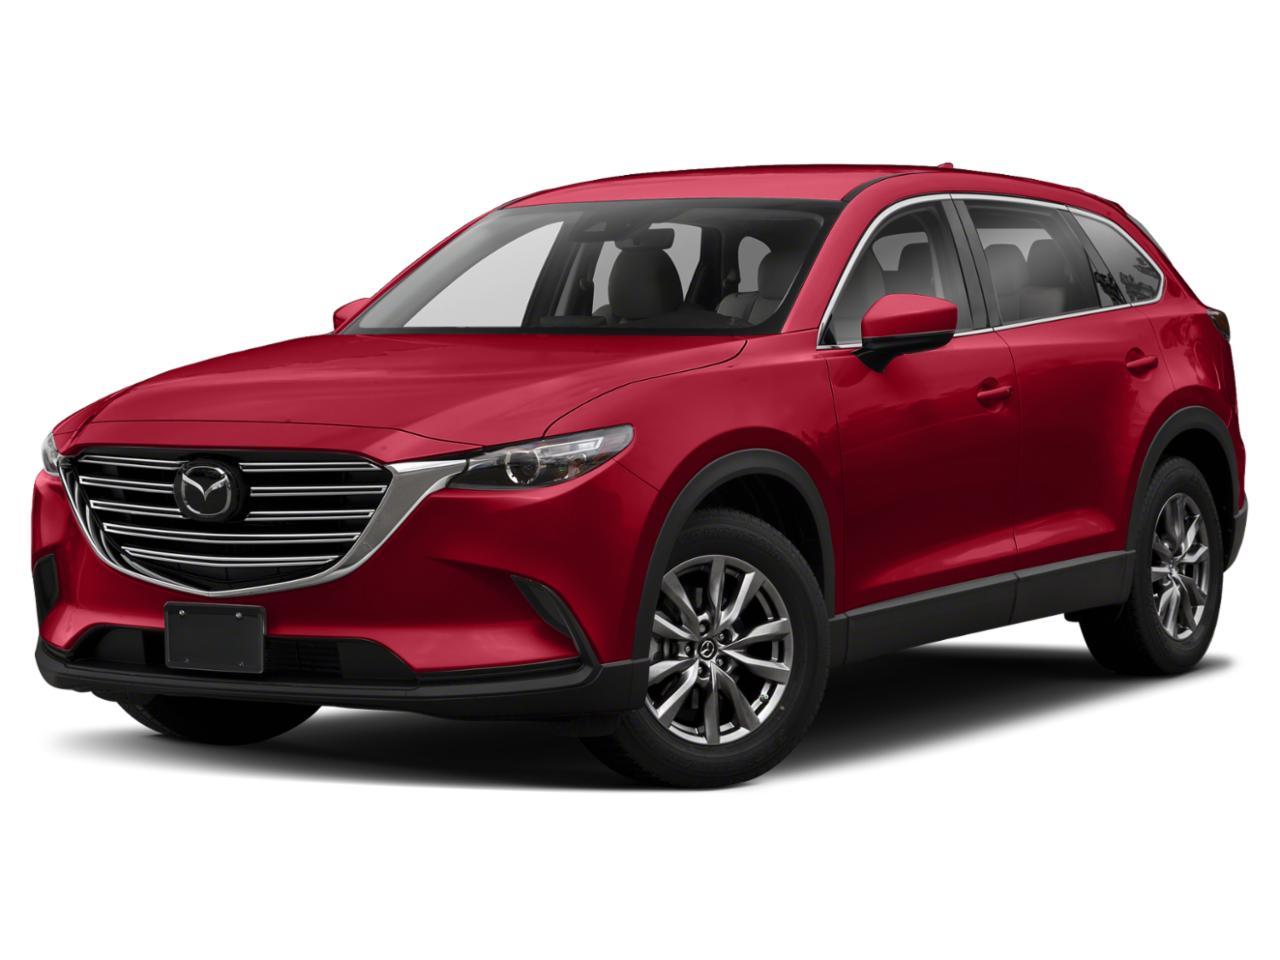 2019 Mazda CX-9 Vehicle Photo in Middleton, WI 53562